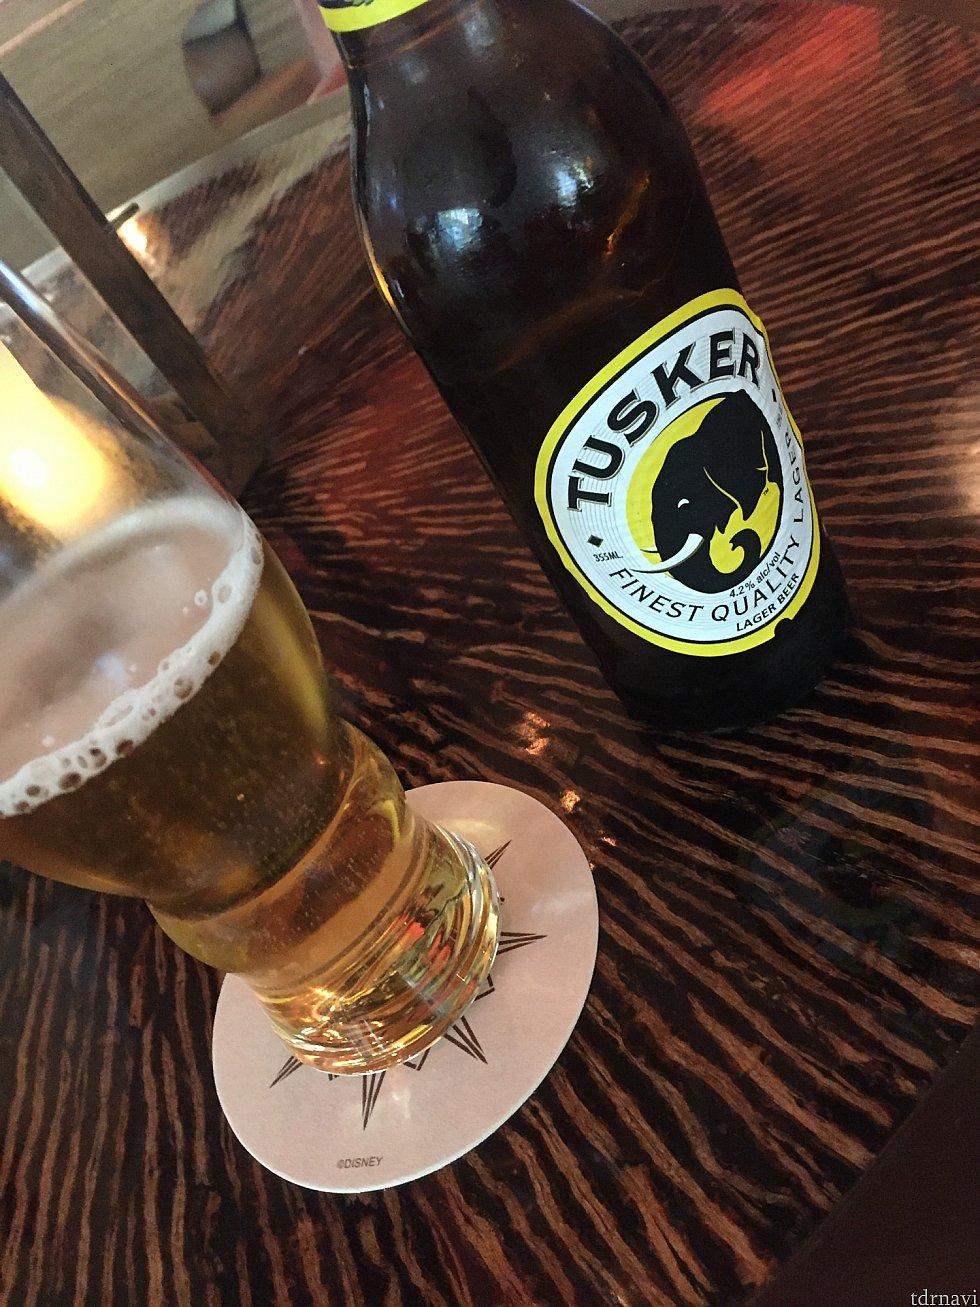 ビールは生ビールもありました。6ドルから10ドル位の相場。